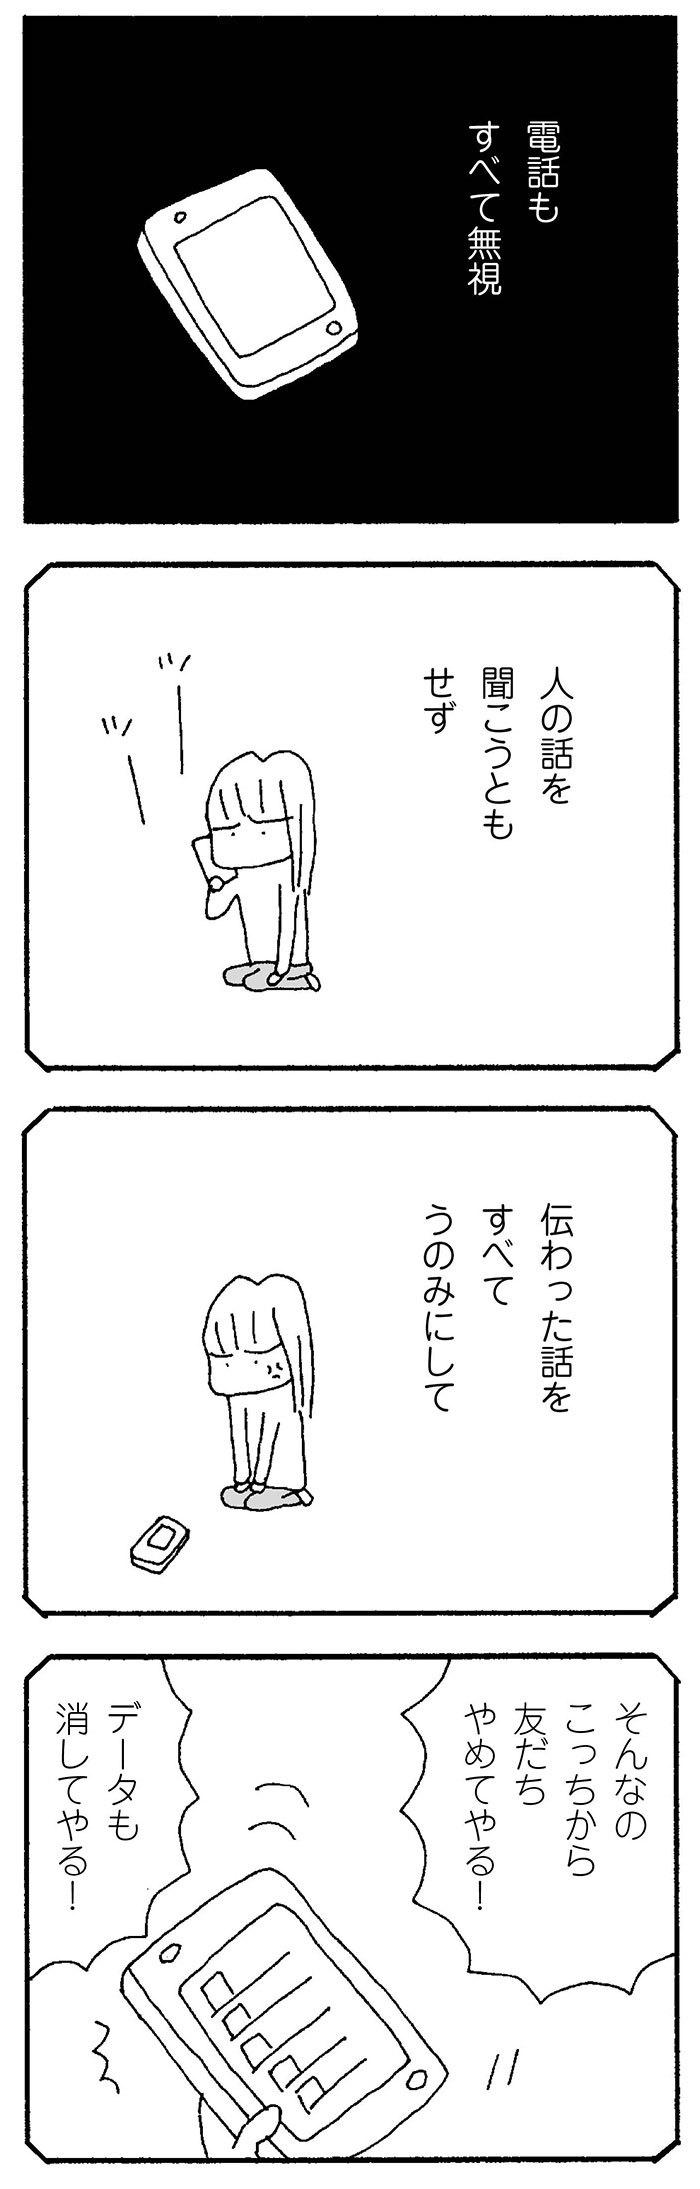 【連載】ママ友がこわい 第4話 「どうして嫌われちゃったんだろう・・・」の画像6